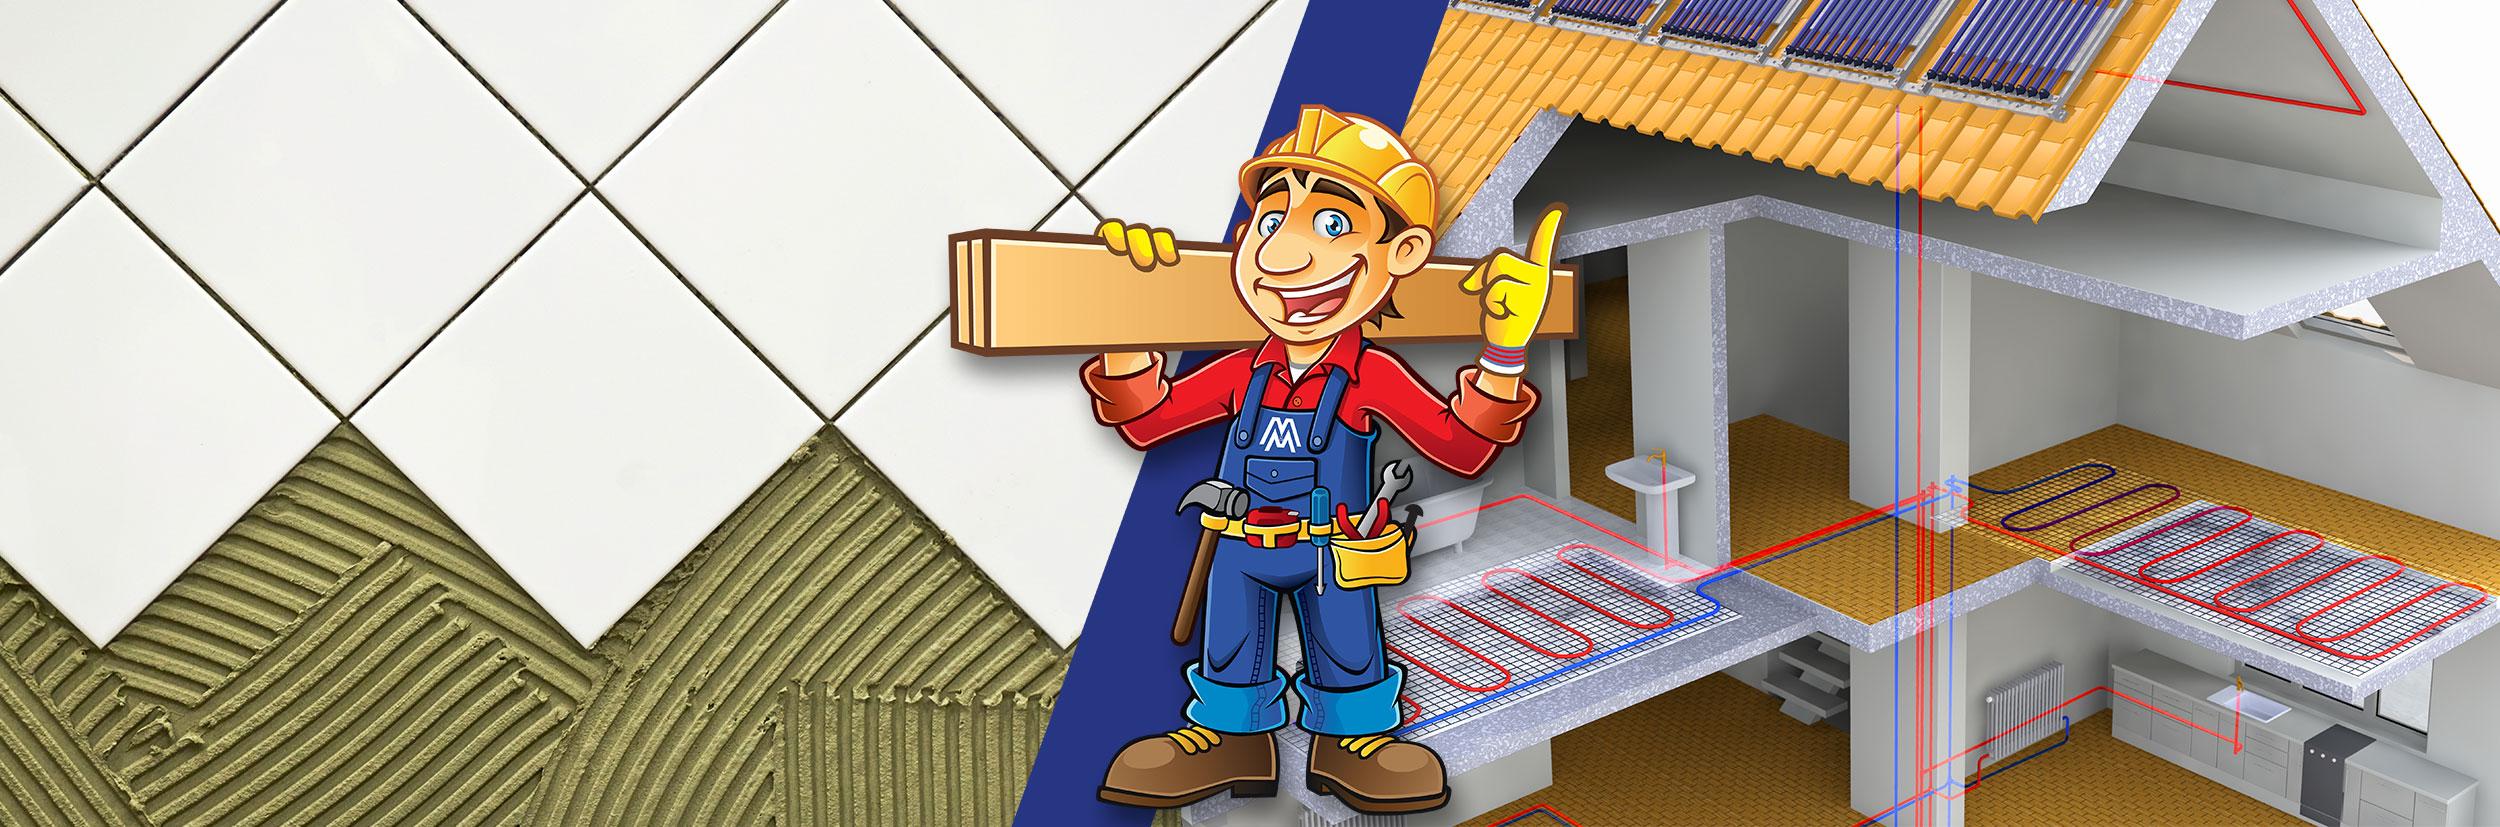 MM-rakennustekniikka-mm-rakennustyot-laatoitustyot-sahkotyot-4